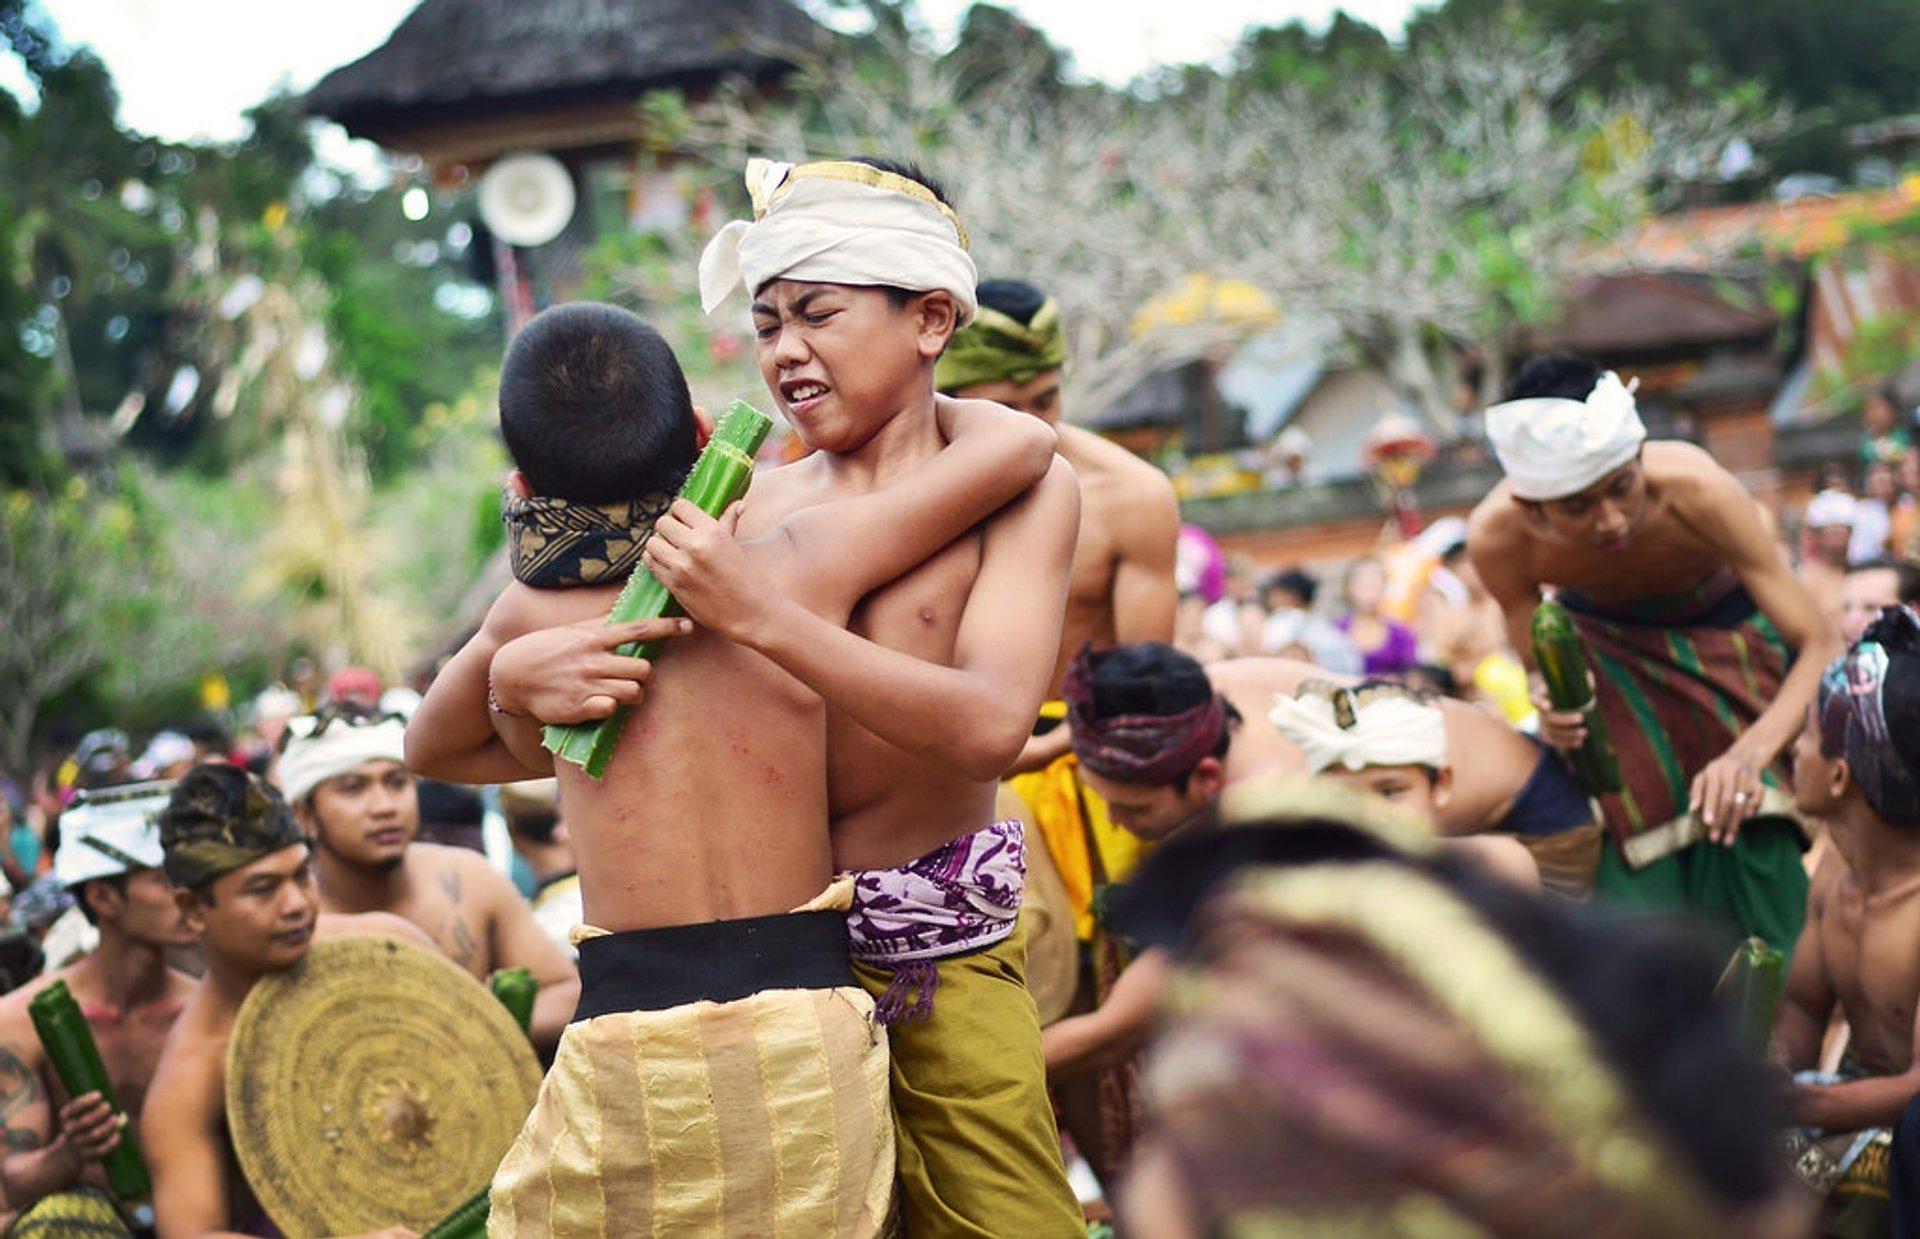 Makare-Kare or Pandan War in Bali 2020 - Best Time